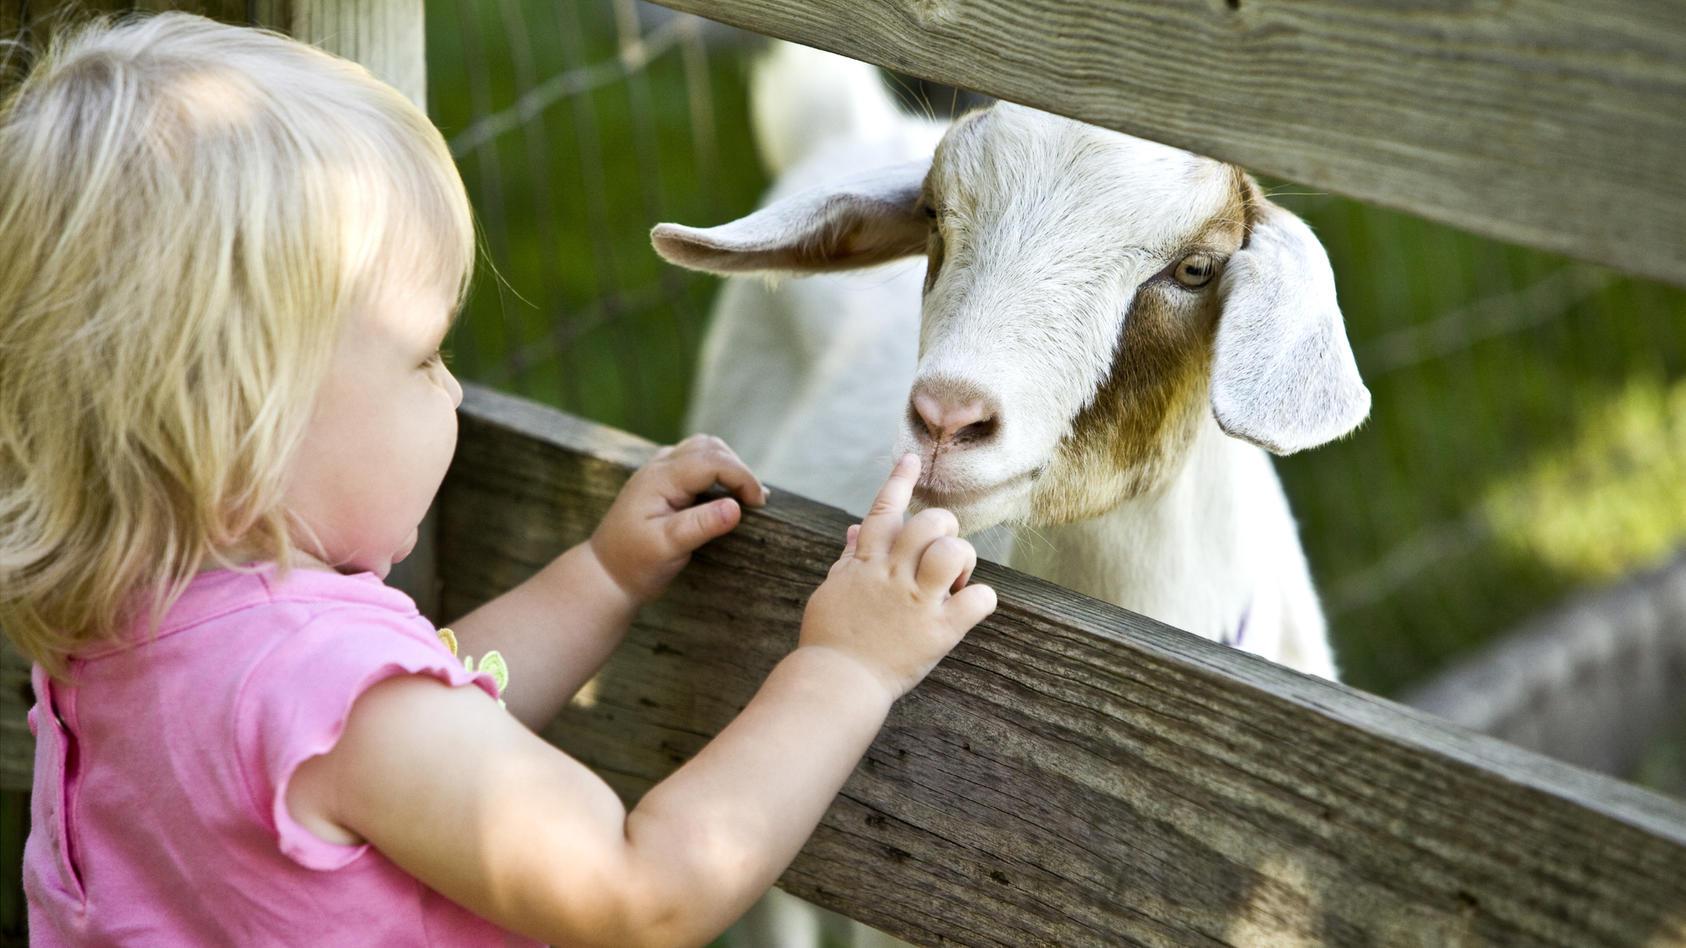 Damit der Ausflug in den Streichelzoo Tier und Mensch Spaß macht, sollten Eltern einige Tipps beherzigen.